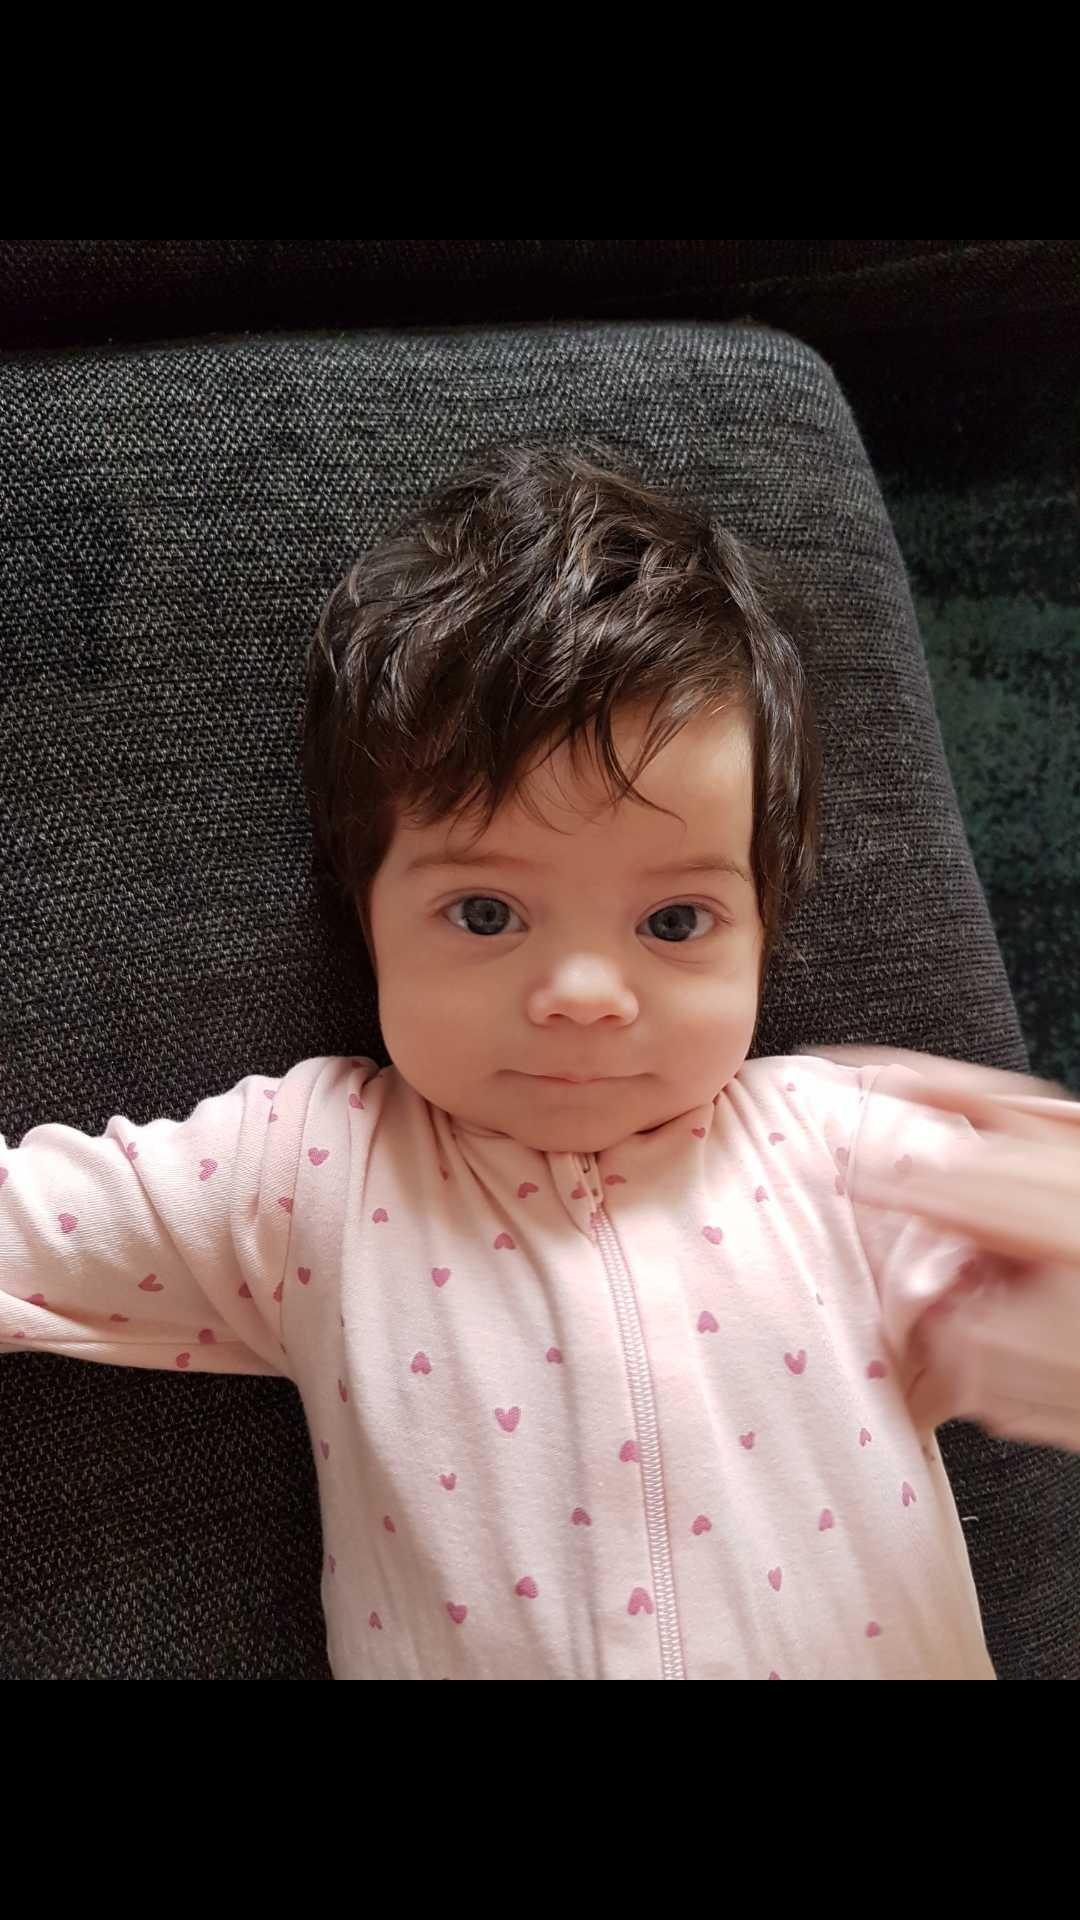 """Jessica Lejkemo i Stockholm har skickat bild på sin dotter Linnea när hon var tre månader gammal: """"Hemma hos oss har vi Linnea som blir ett år på fredag, hon föddes också med en färdig frisyr. Sedan Linnea föddes har vi inte gått ut en enda gång utan att få kommentarer över hennes långa hår, jag brukar skämta om att jag måste ätit några supervitaminer under graviditeten!""""."""